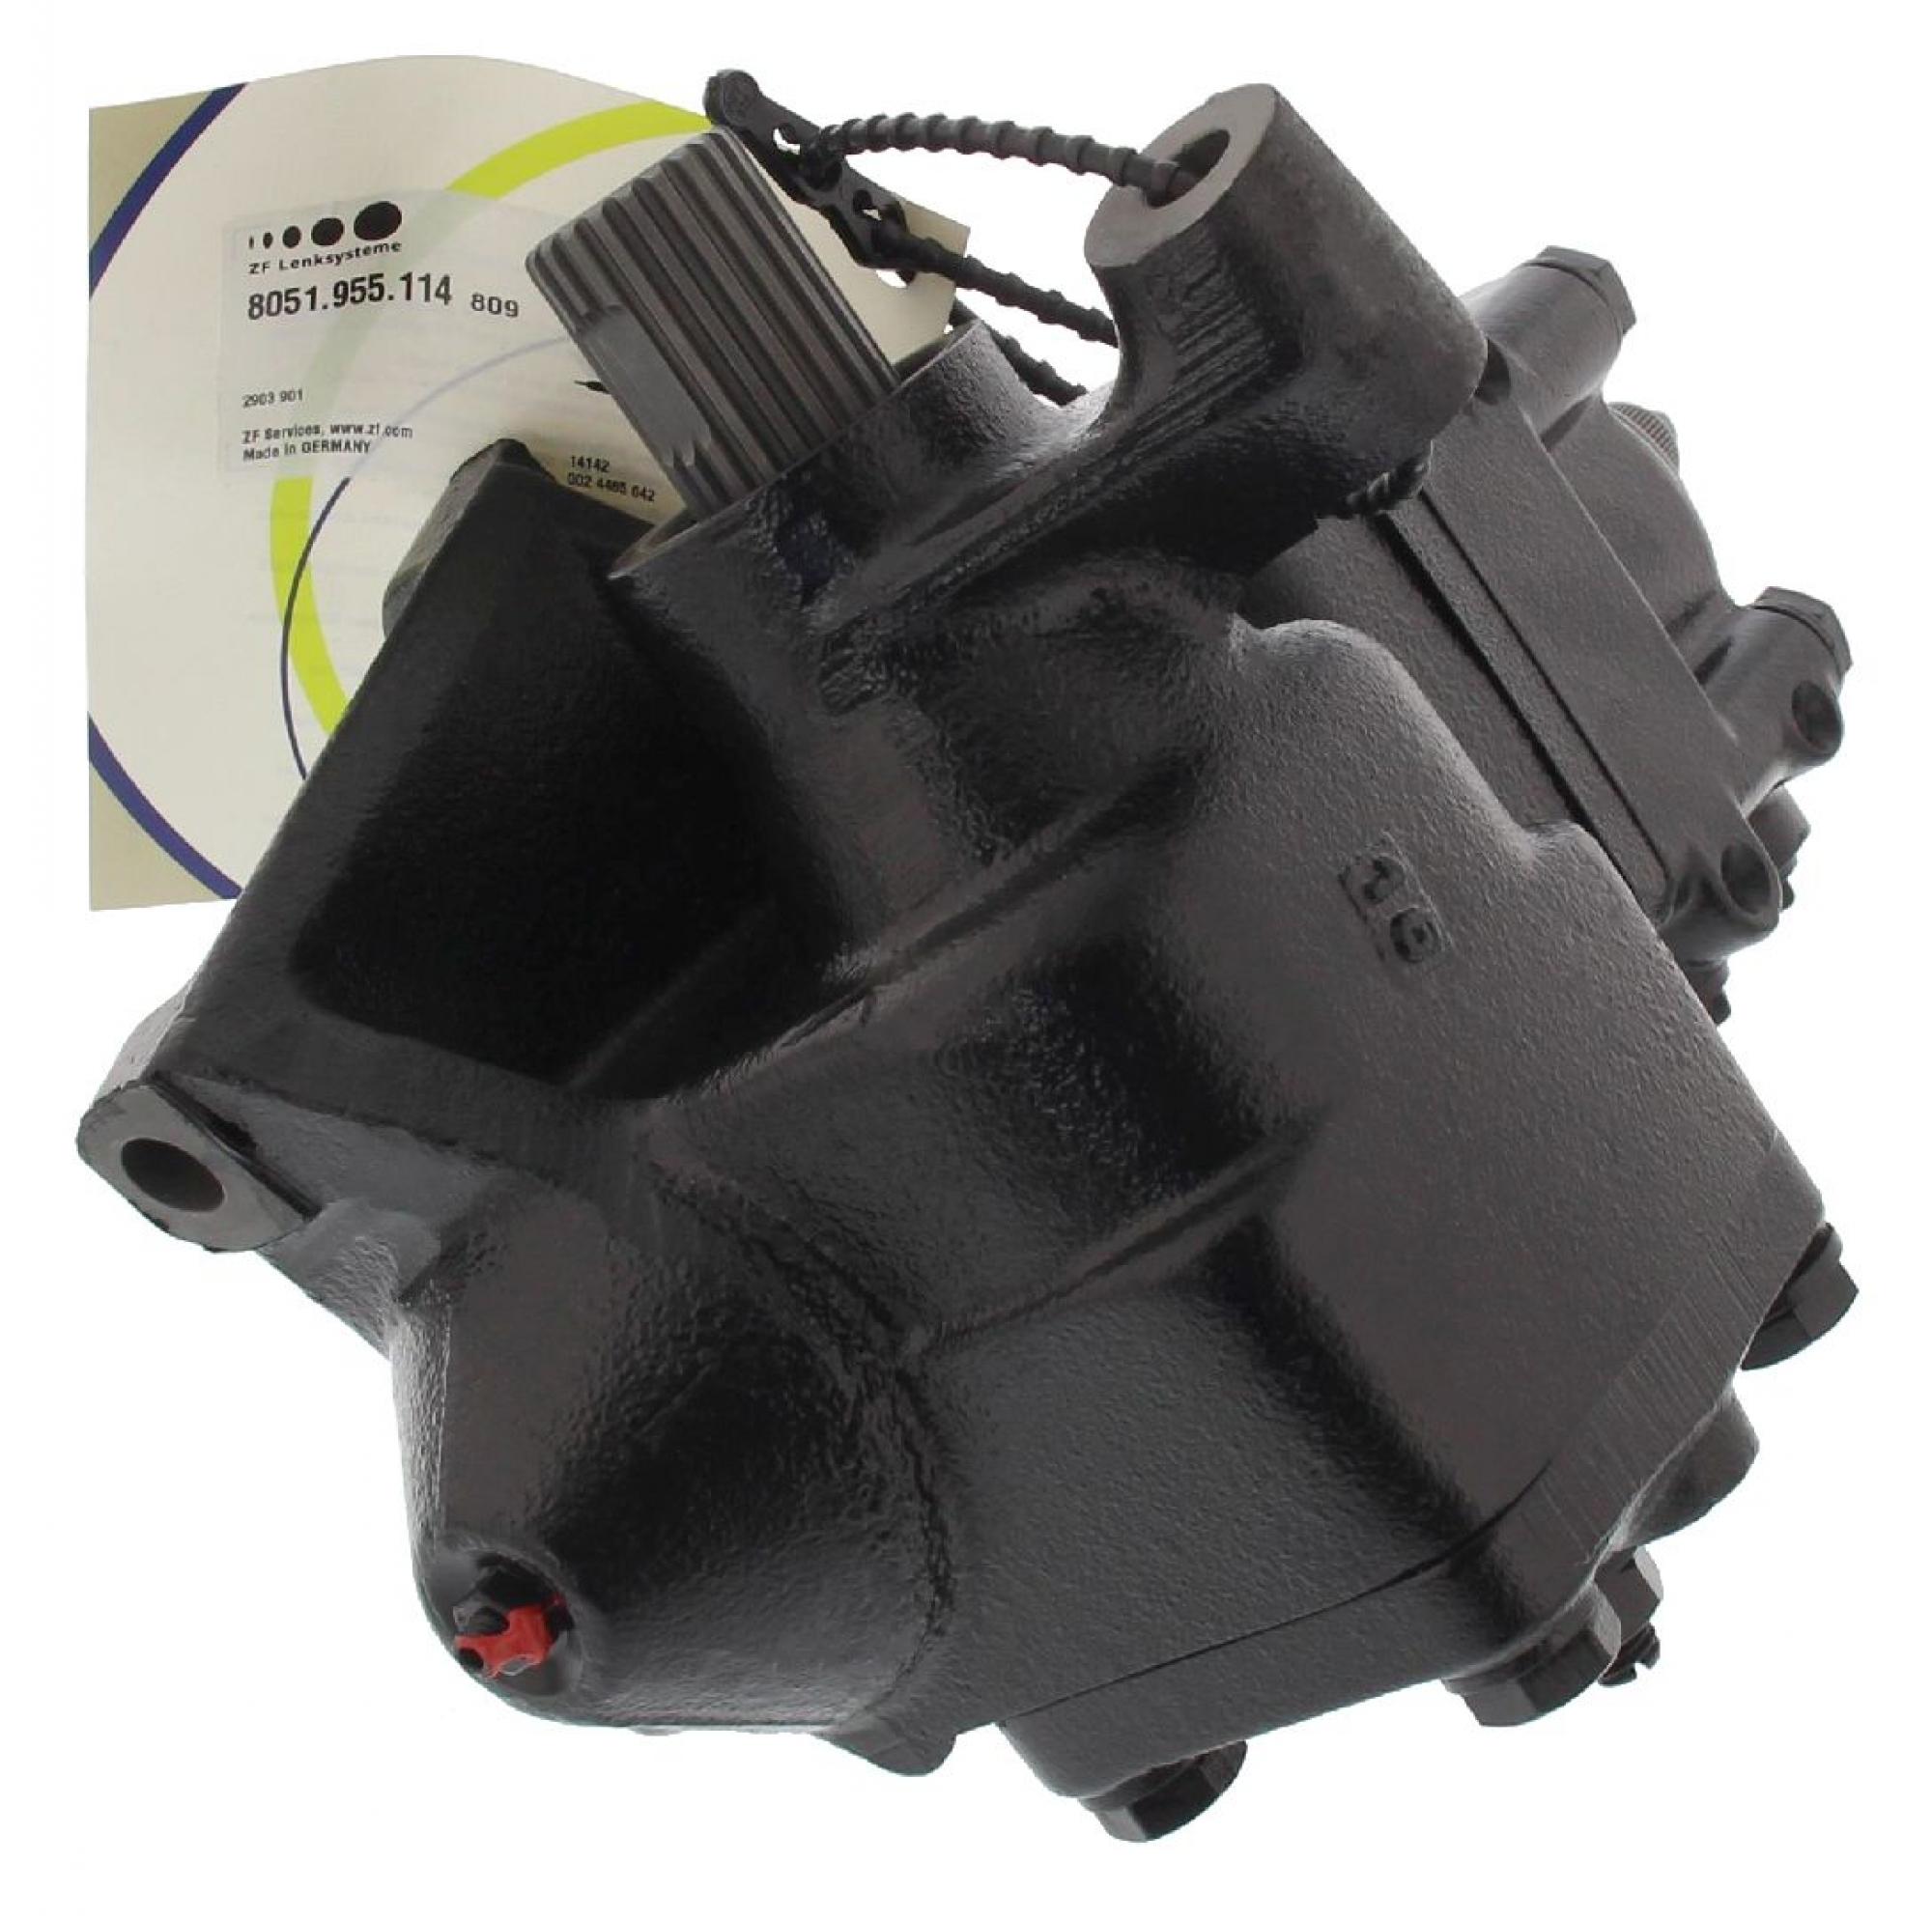 ZF 8051955114 Lenkgetriebe